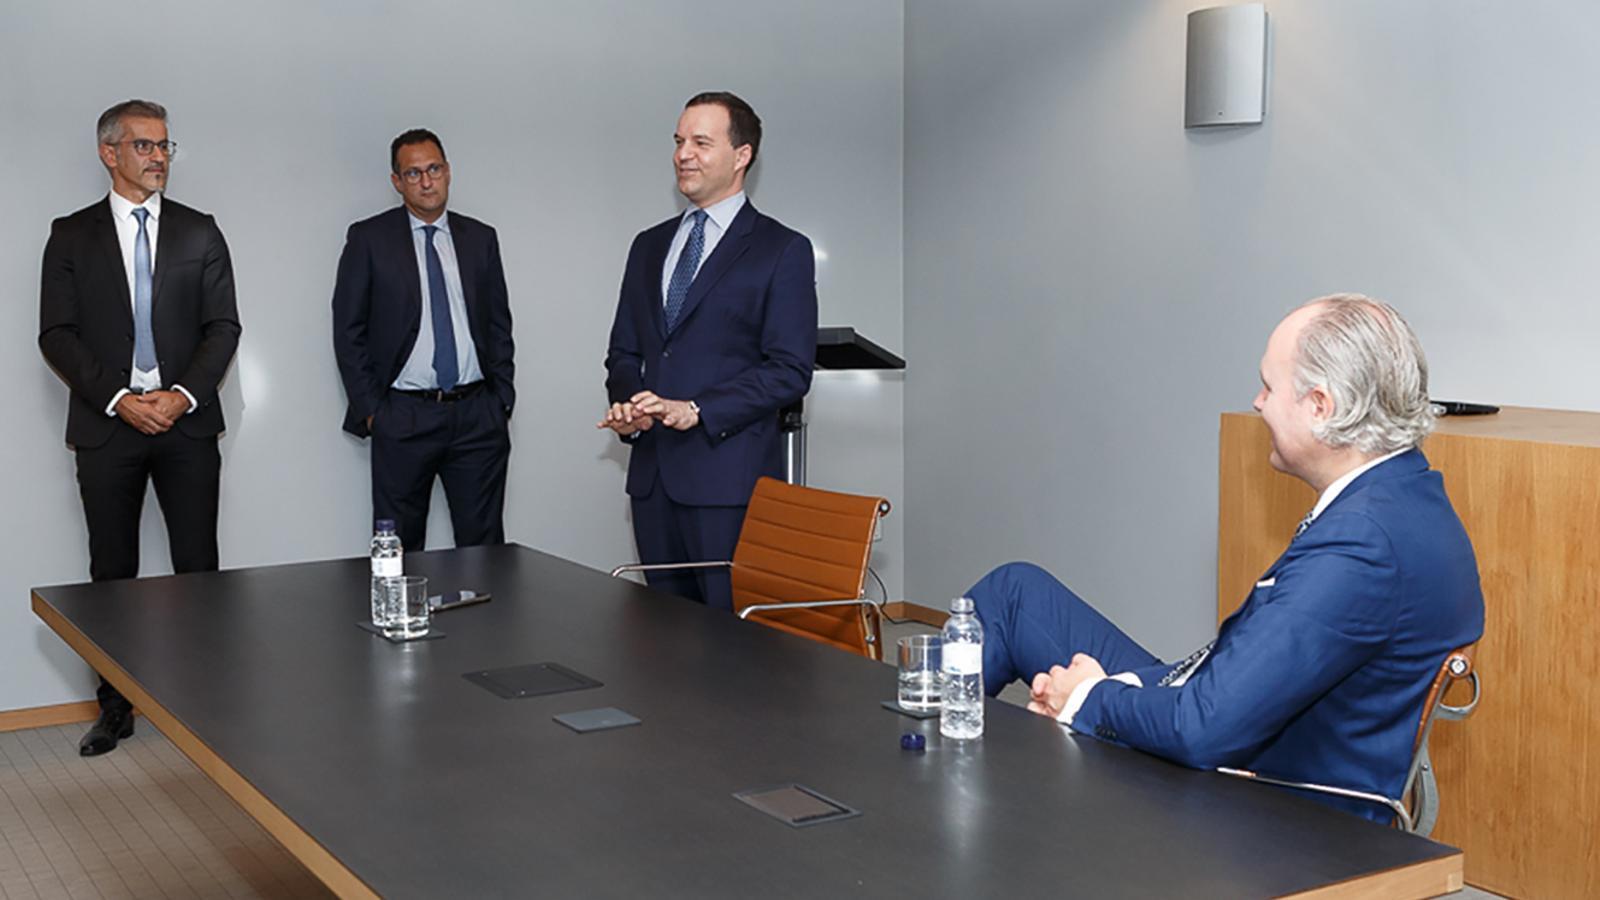 D'esquerra a dreta, el director general de Finances, Cándido Romero; el director de l'àrea de Negoci, Sergi Pallerola; el conseller delegat, Michael Christner, i el fins ara vicepresident del consell d'administració, Christoph Lieber. / VALL BANC